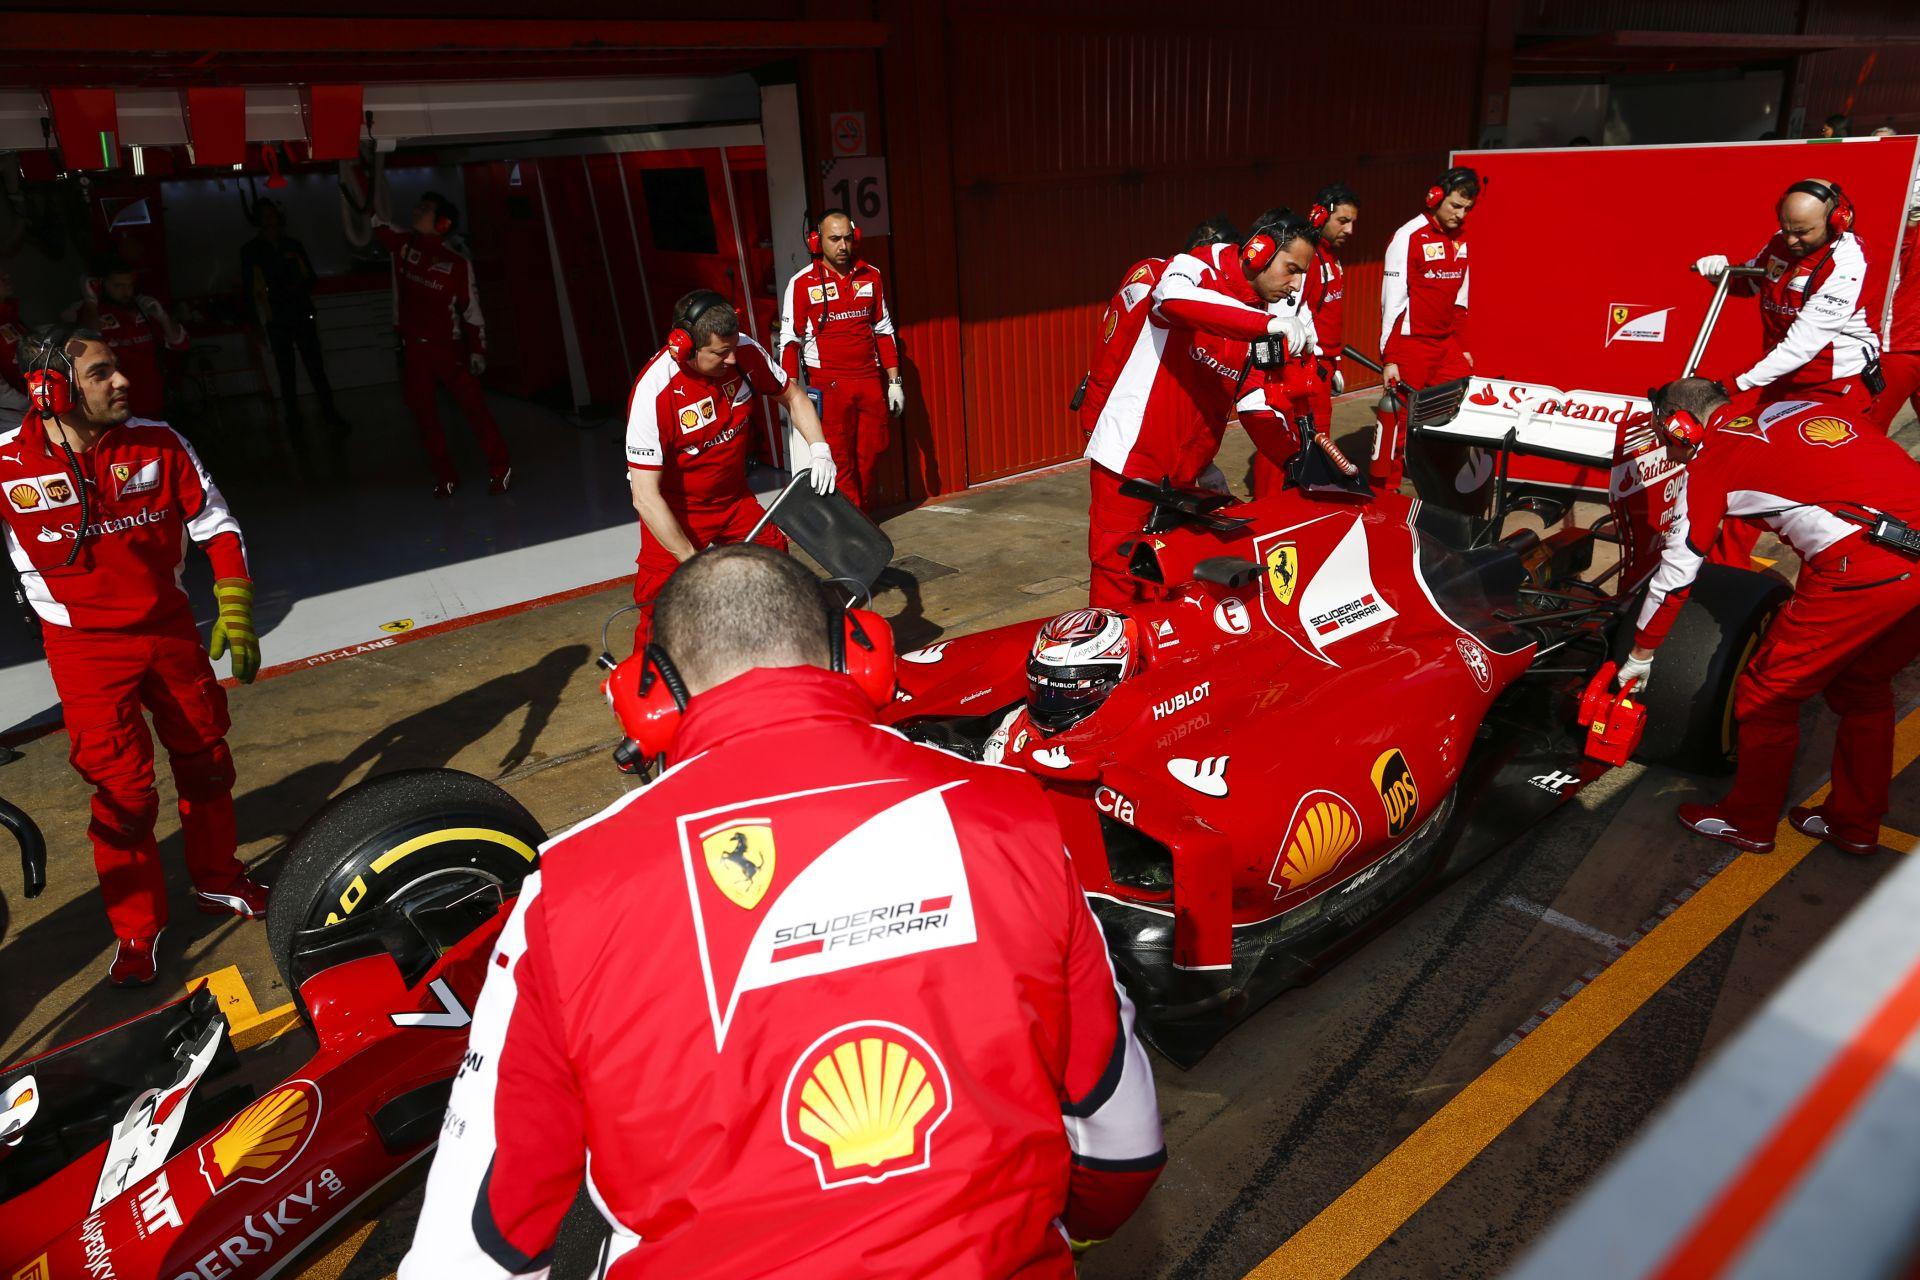 Már most nagyon versenyképesnek tűnik a 2016-os F1-es Ferrari